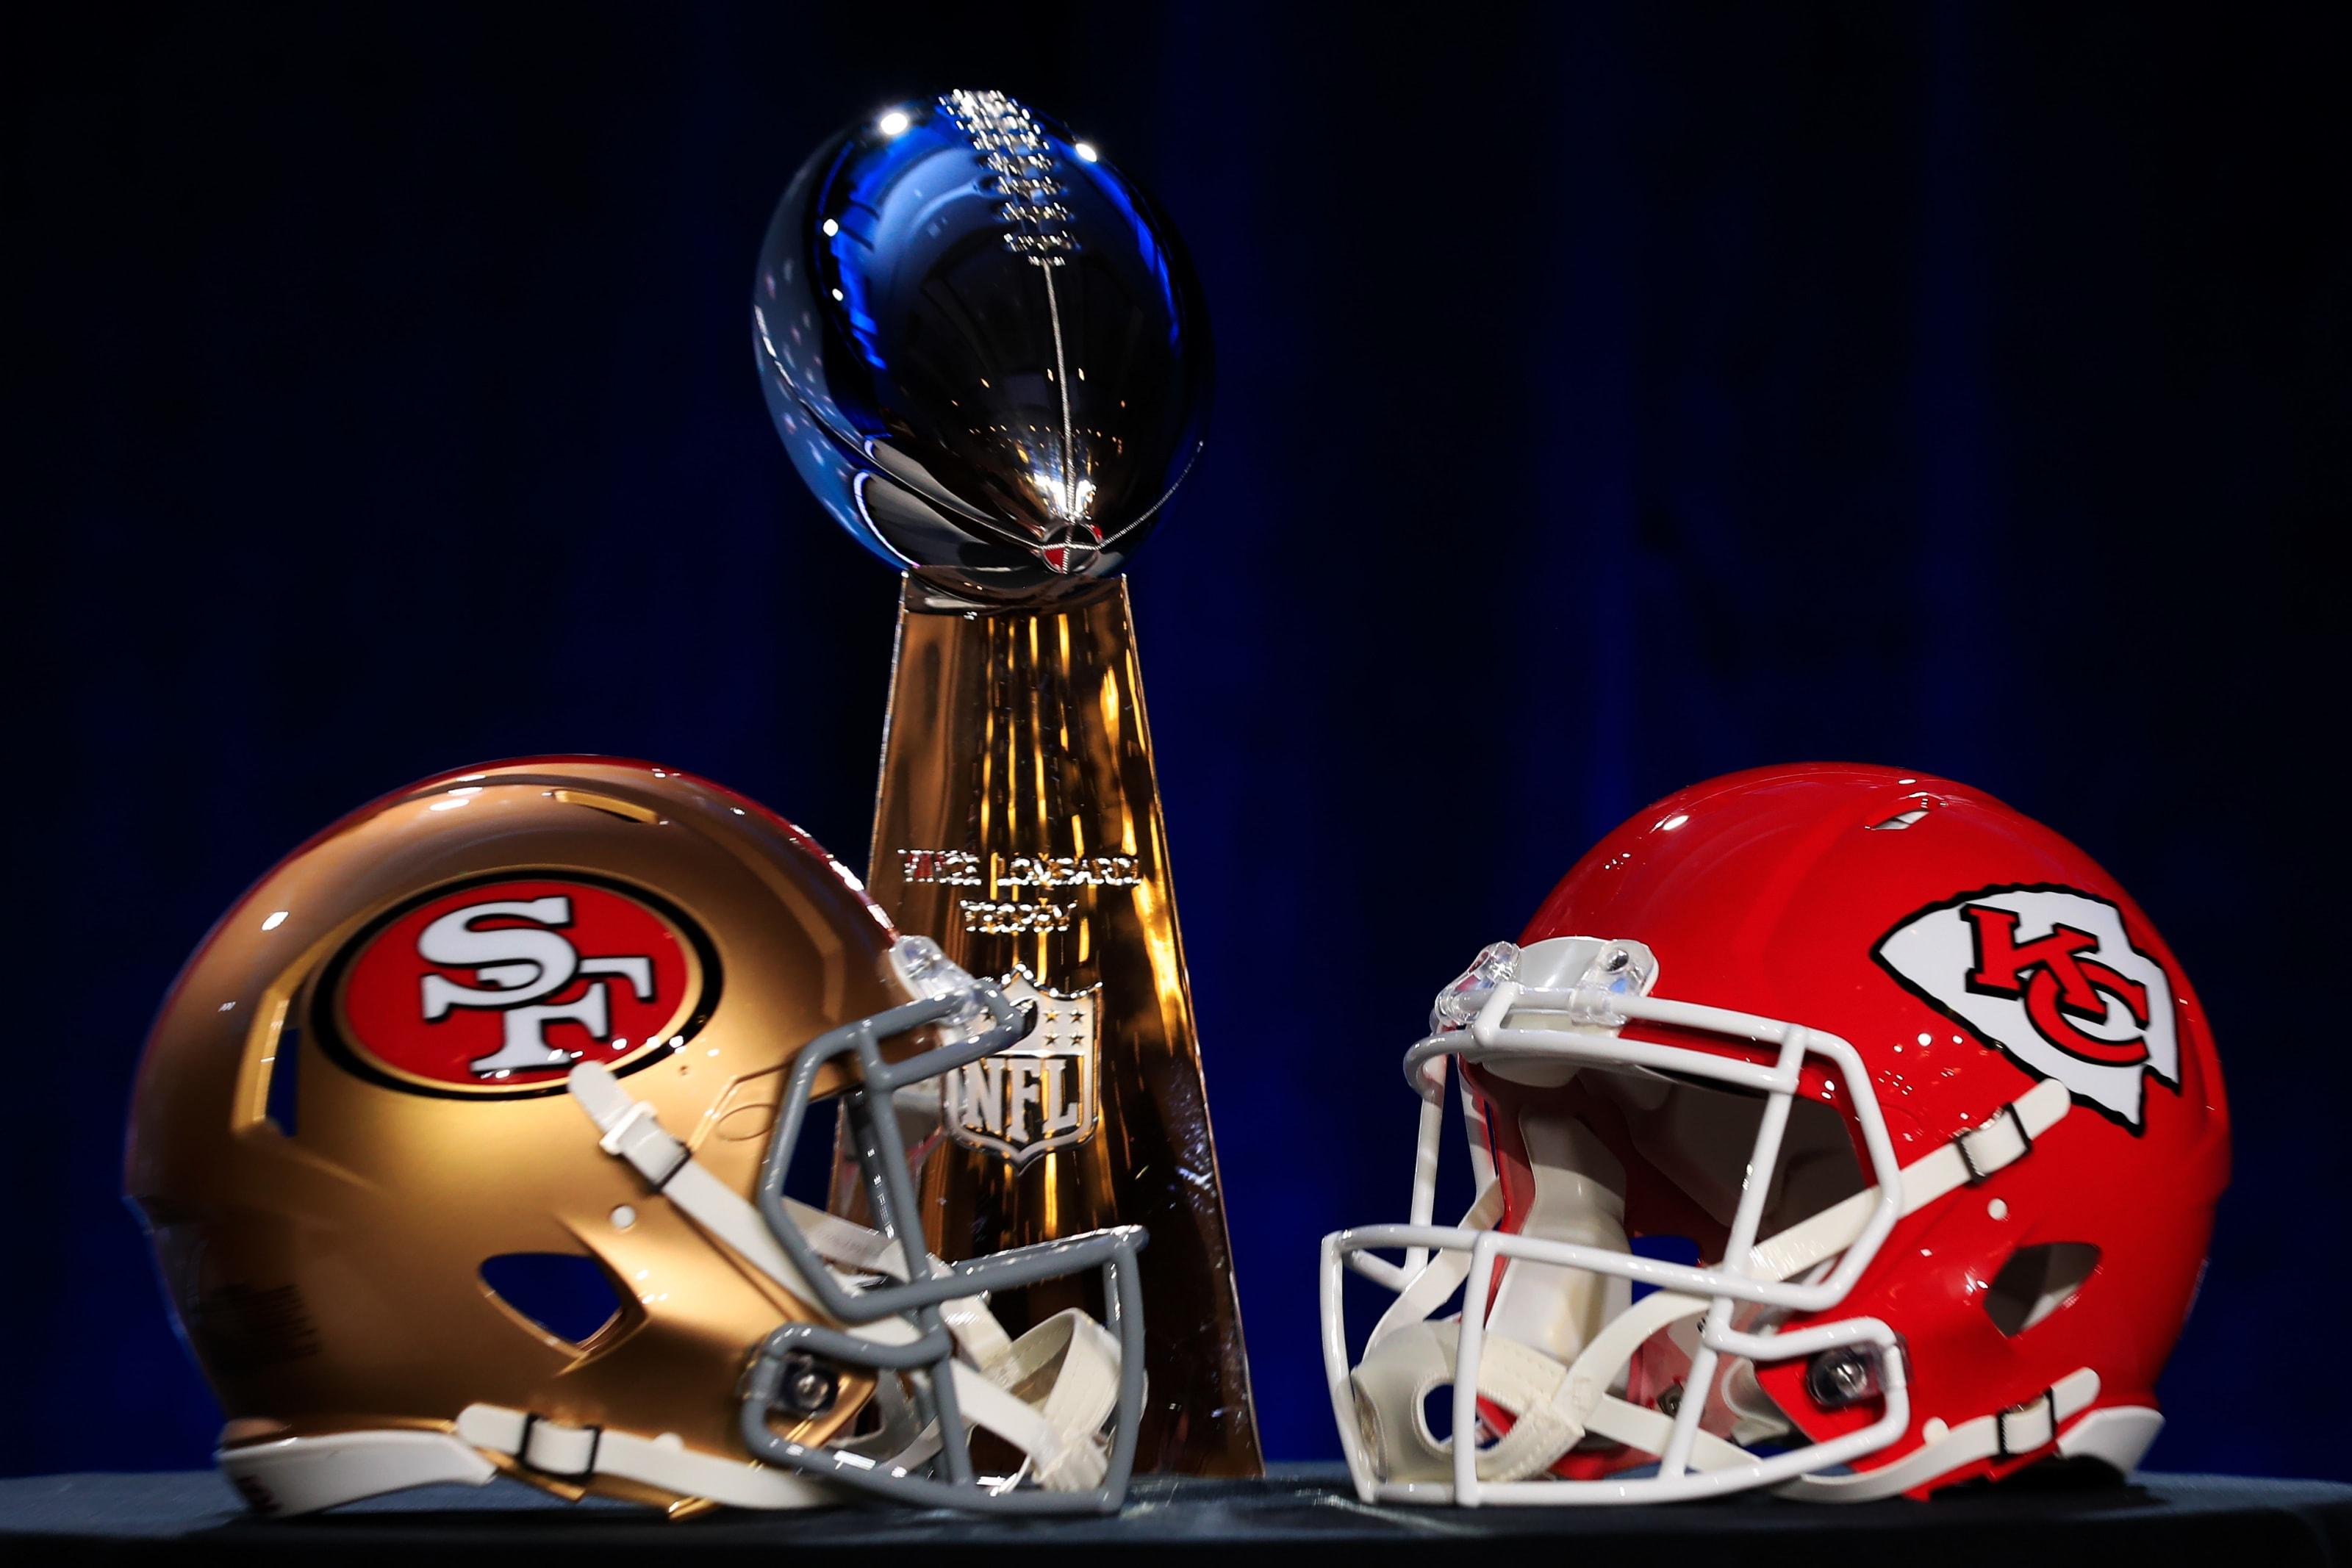 Madden NFL 20 - Super Bowl LVI sim - NFL Commissioner Roger Goodell Super Bowl Press Conference